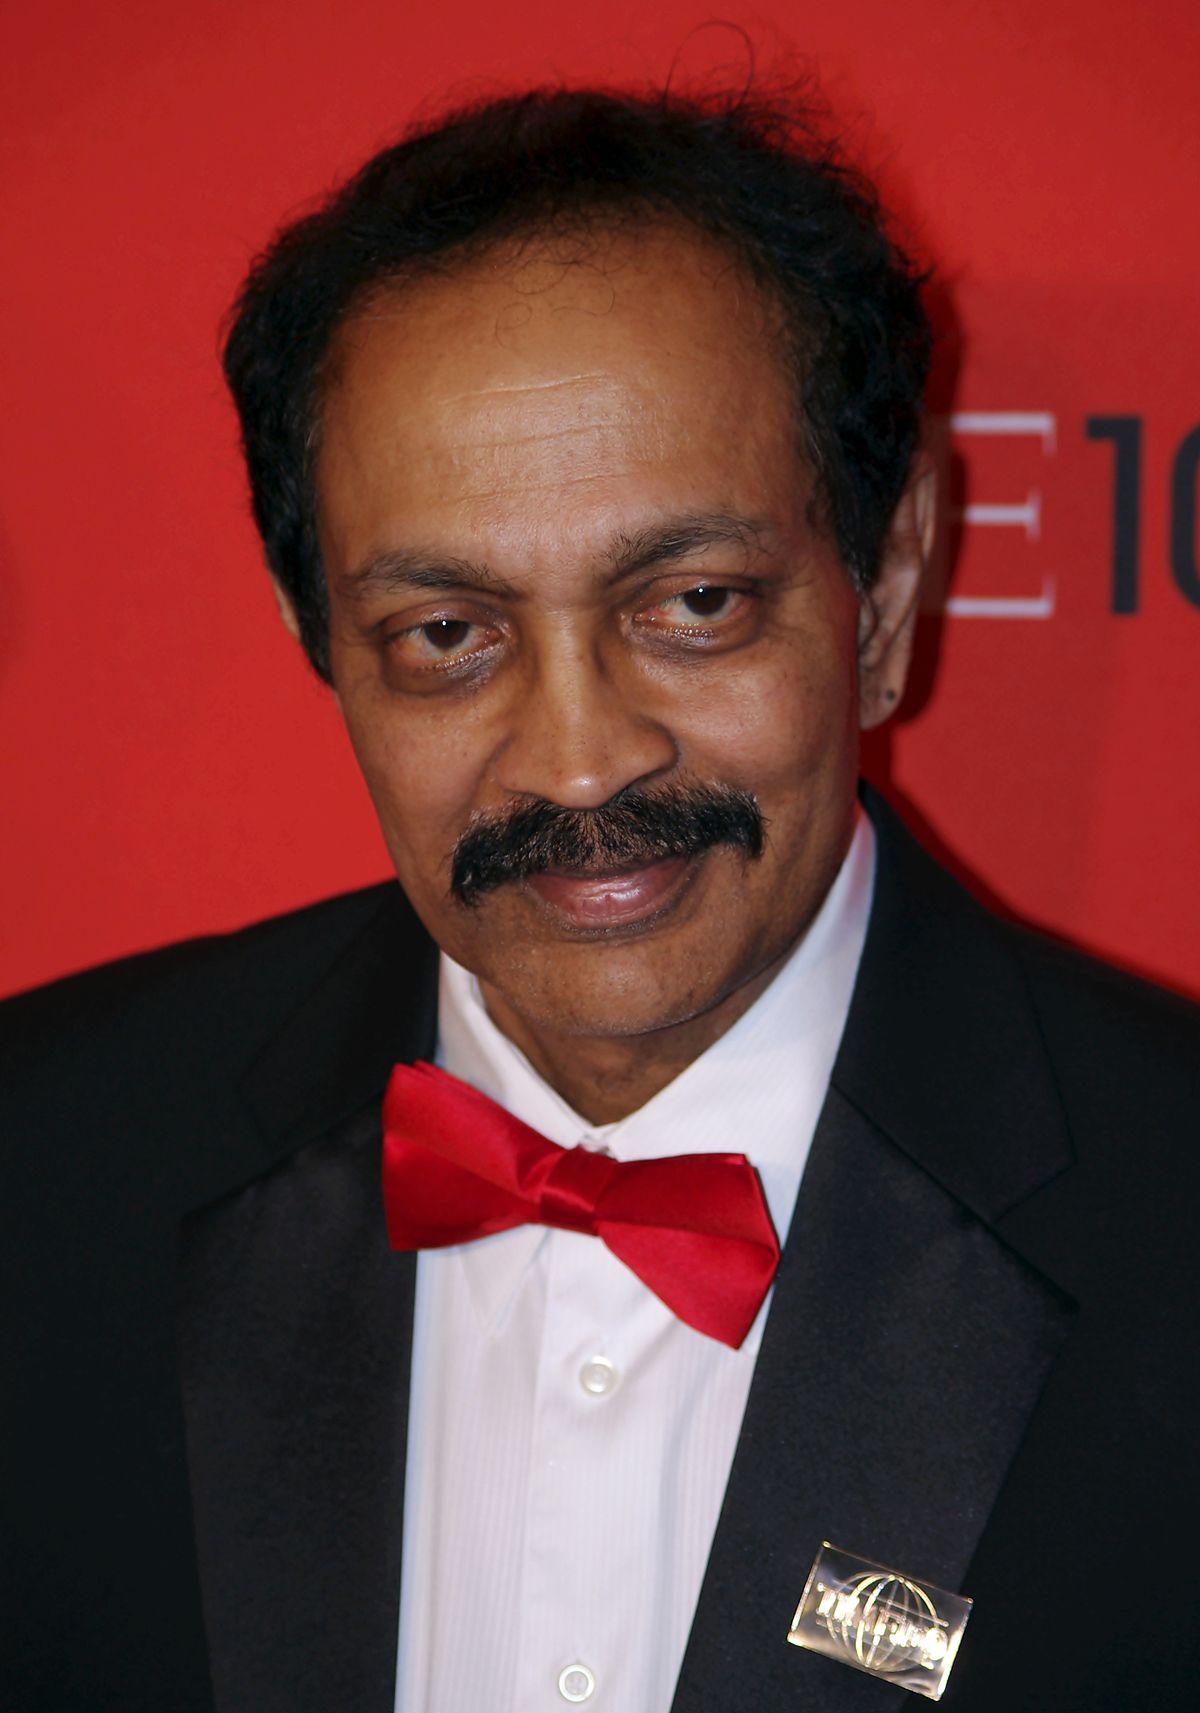 V  S  Ramachandran - Wikipedia